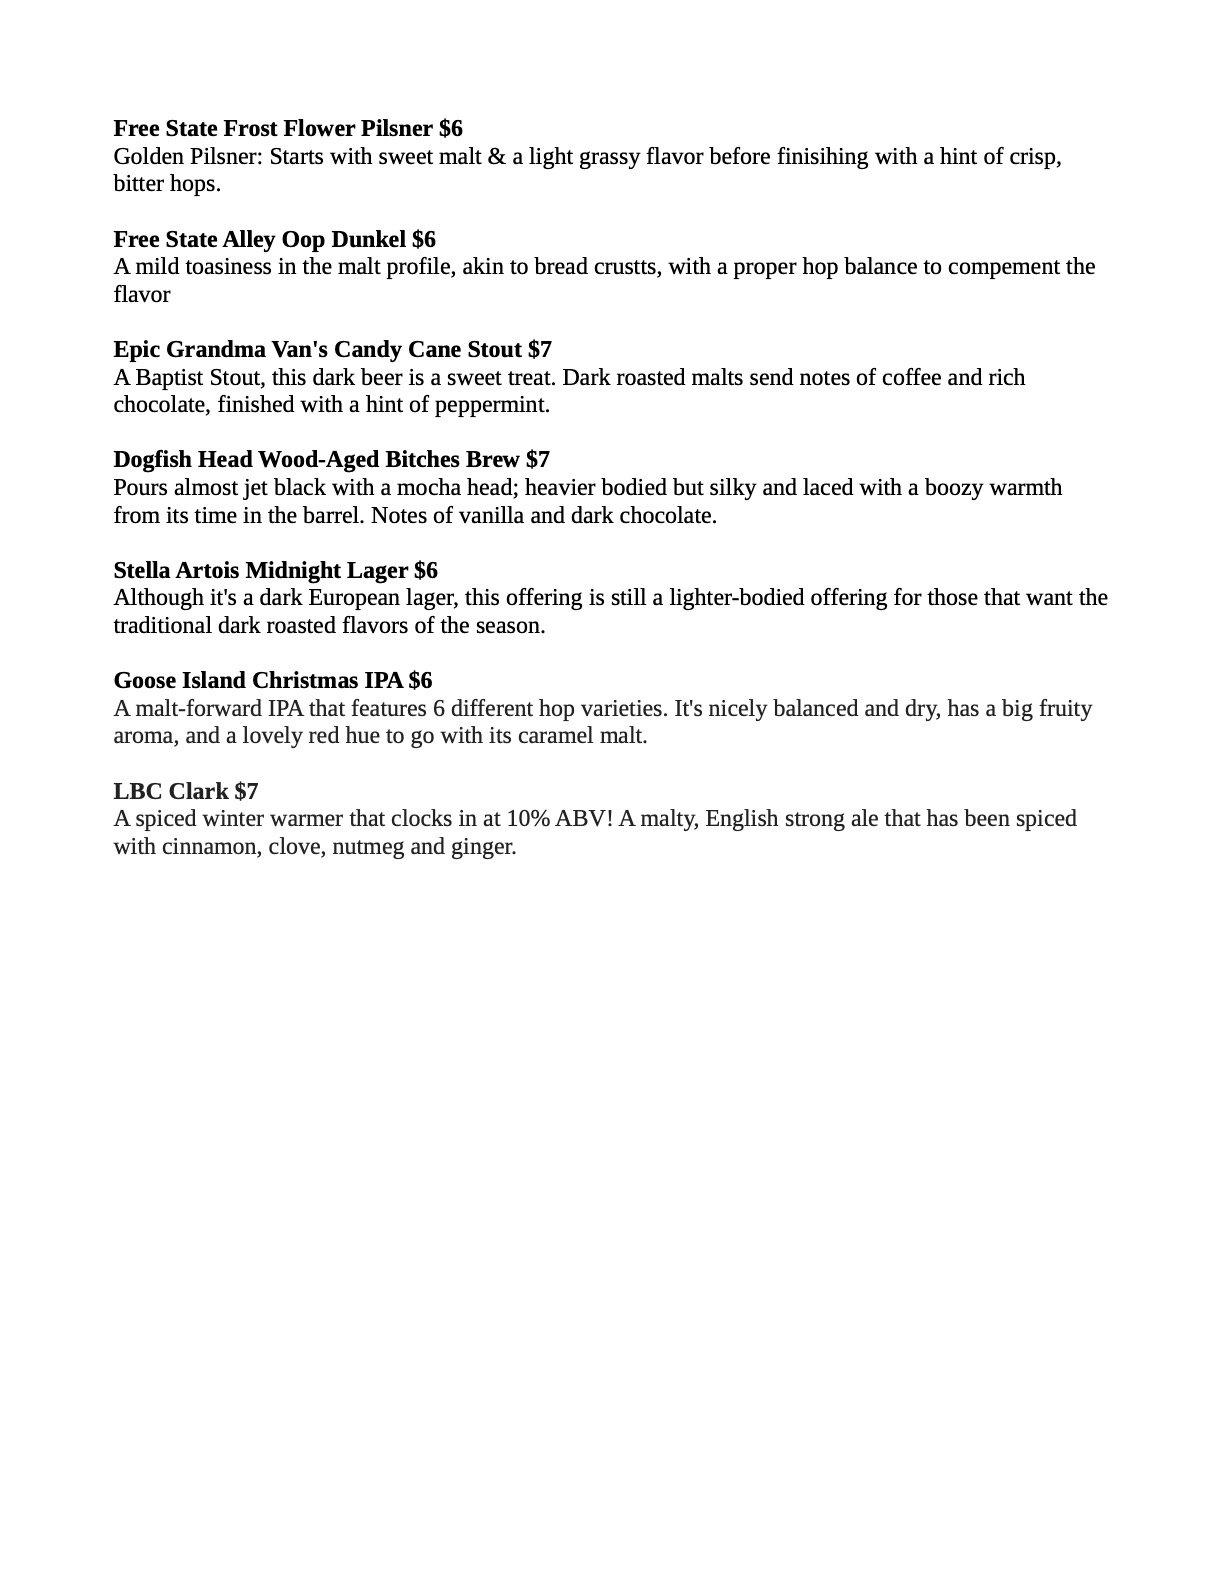 draft menu 12.17.2020.jpg